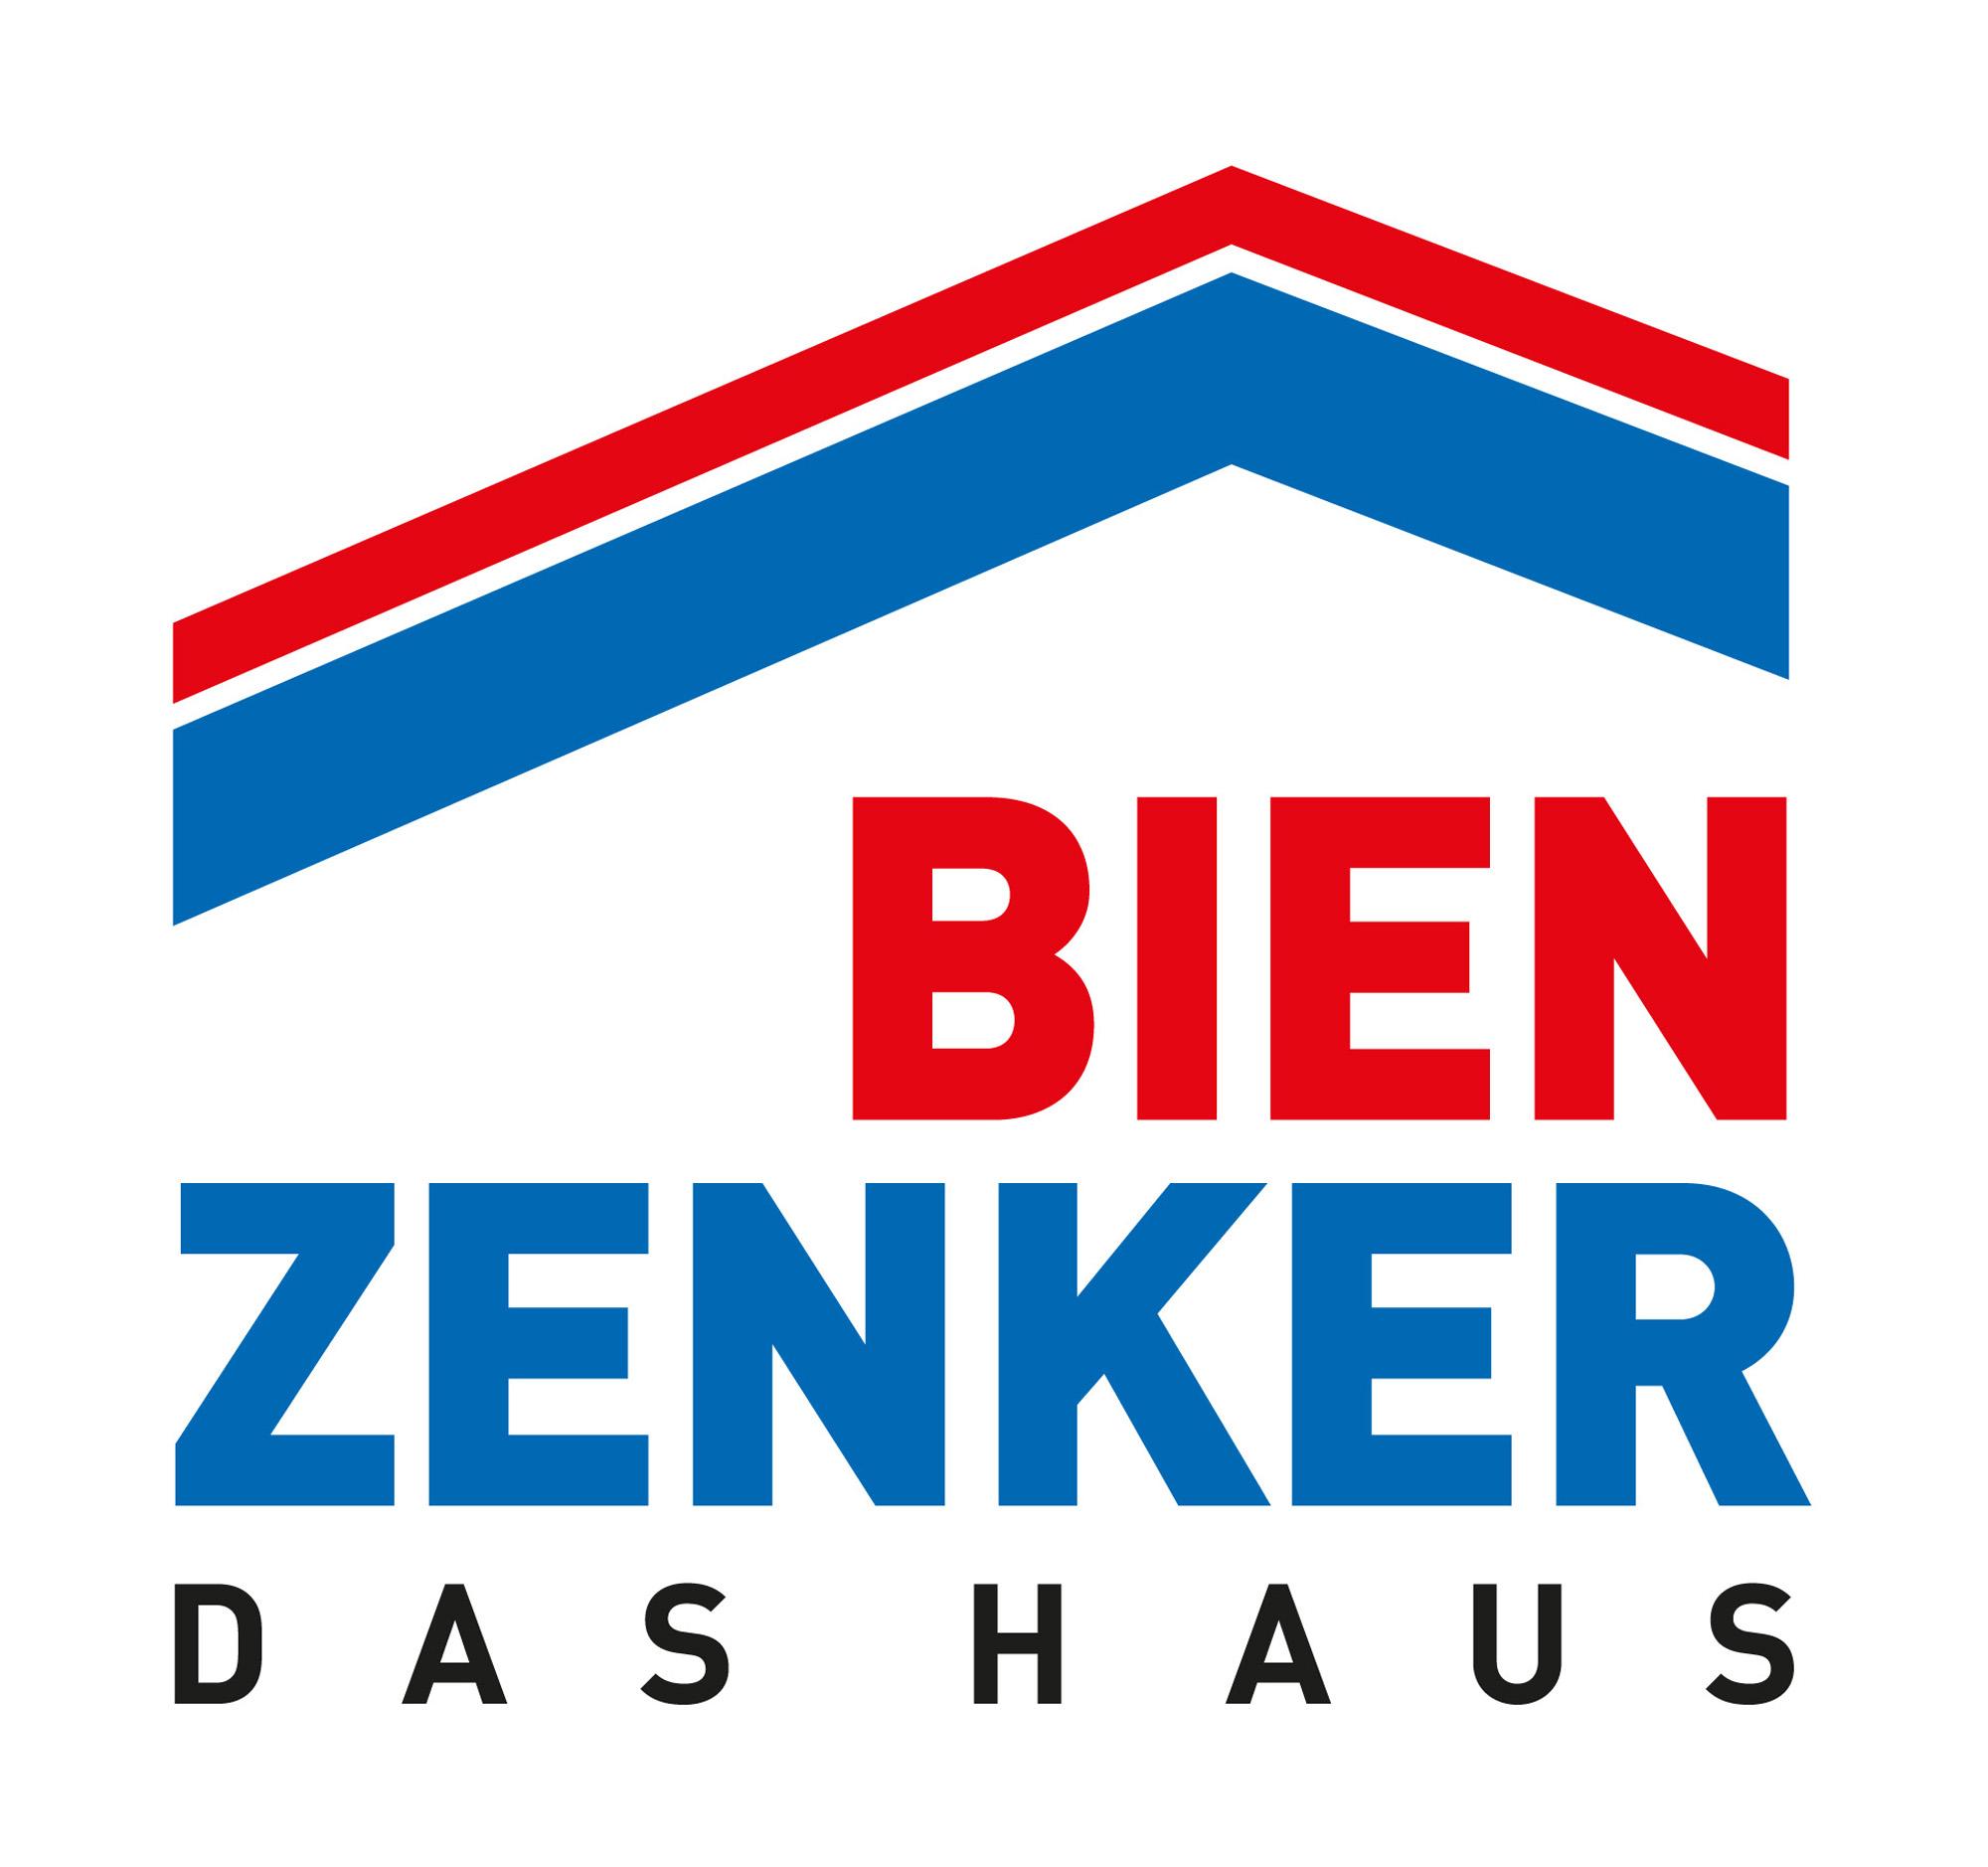 Bien-Zenker GmbH Mülheim-Kärlich (Ausstattungszentrum)